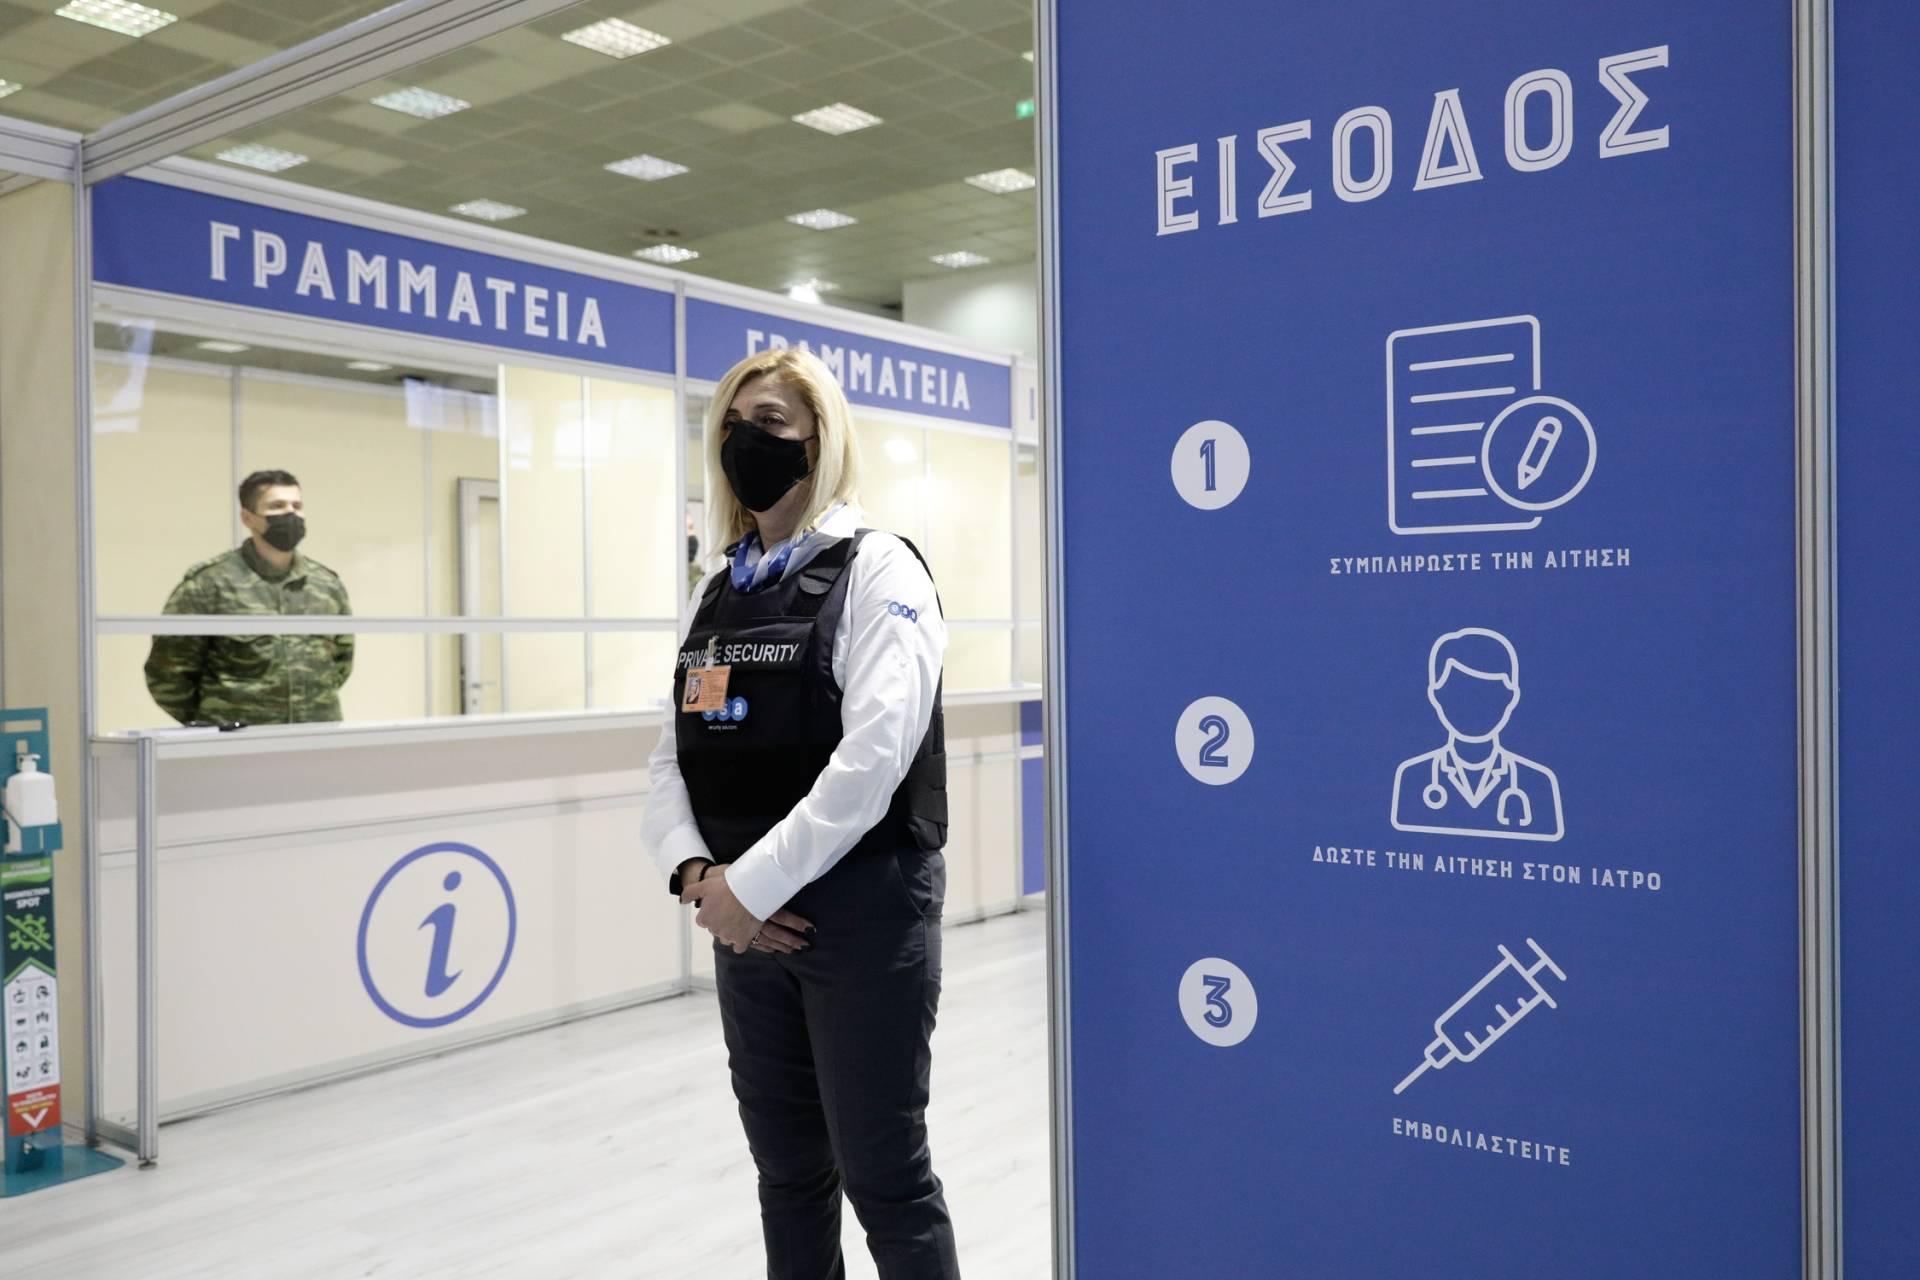 Κοροναϊός: Στόχος για 5,5 εκατ. εμβολιασμούς μέχρι τέλη Μαΐου